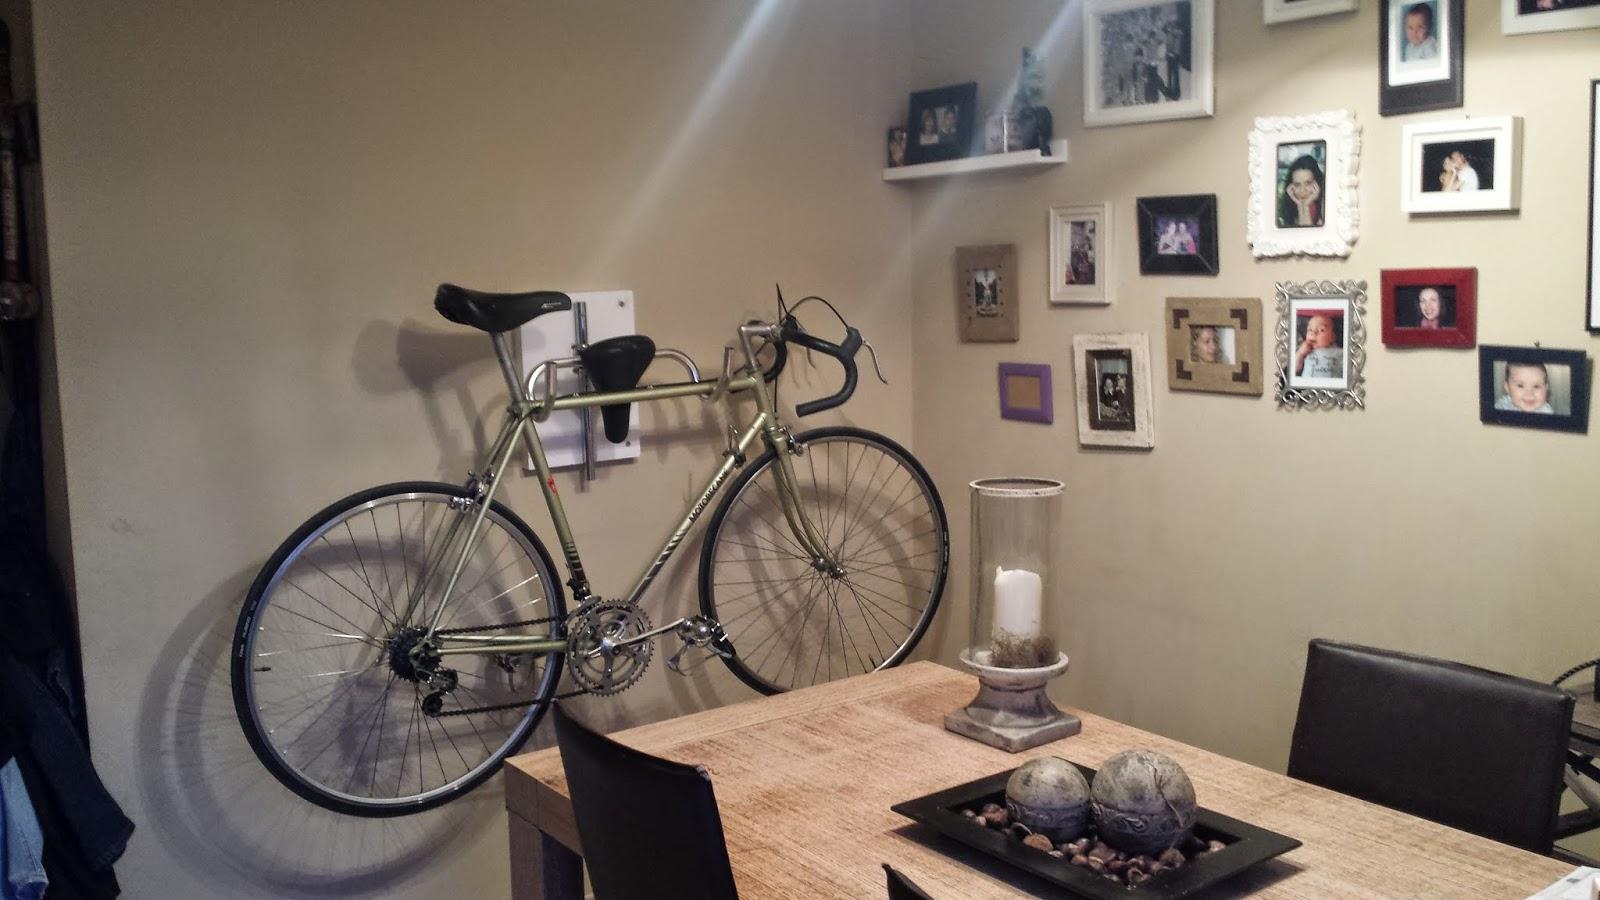 Belleza en bici diy soporte de pared para tu amada bicicleta for Como guardar la bici en un piso